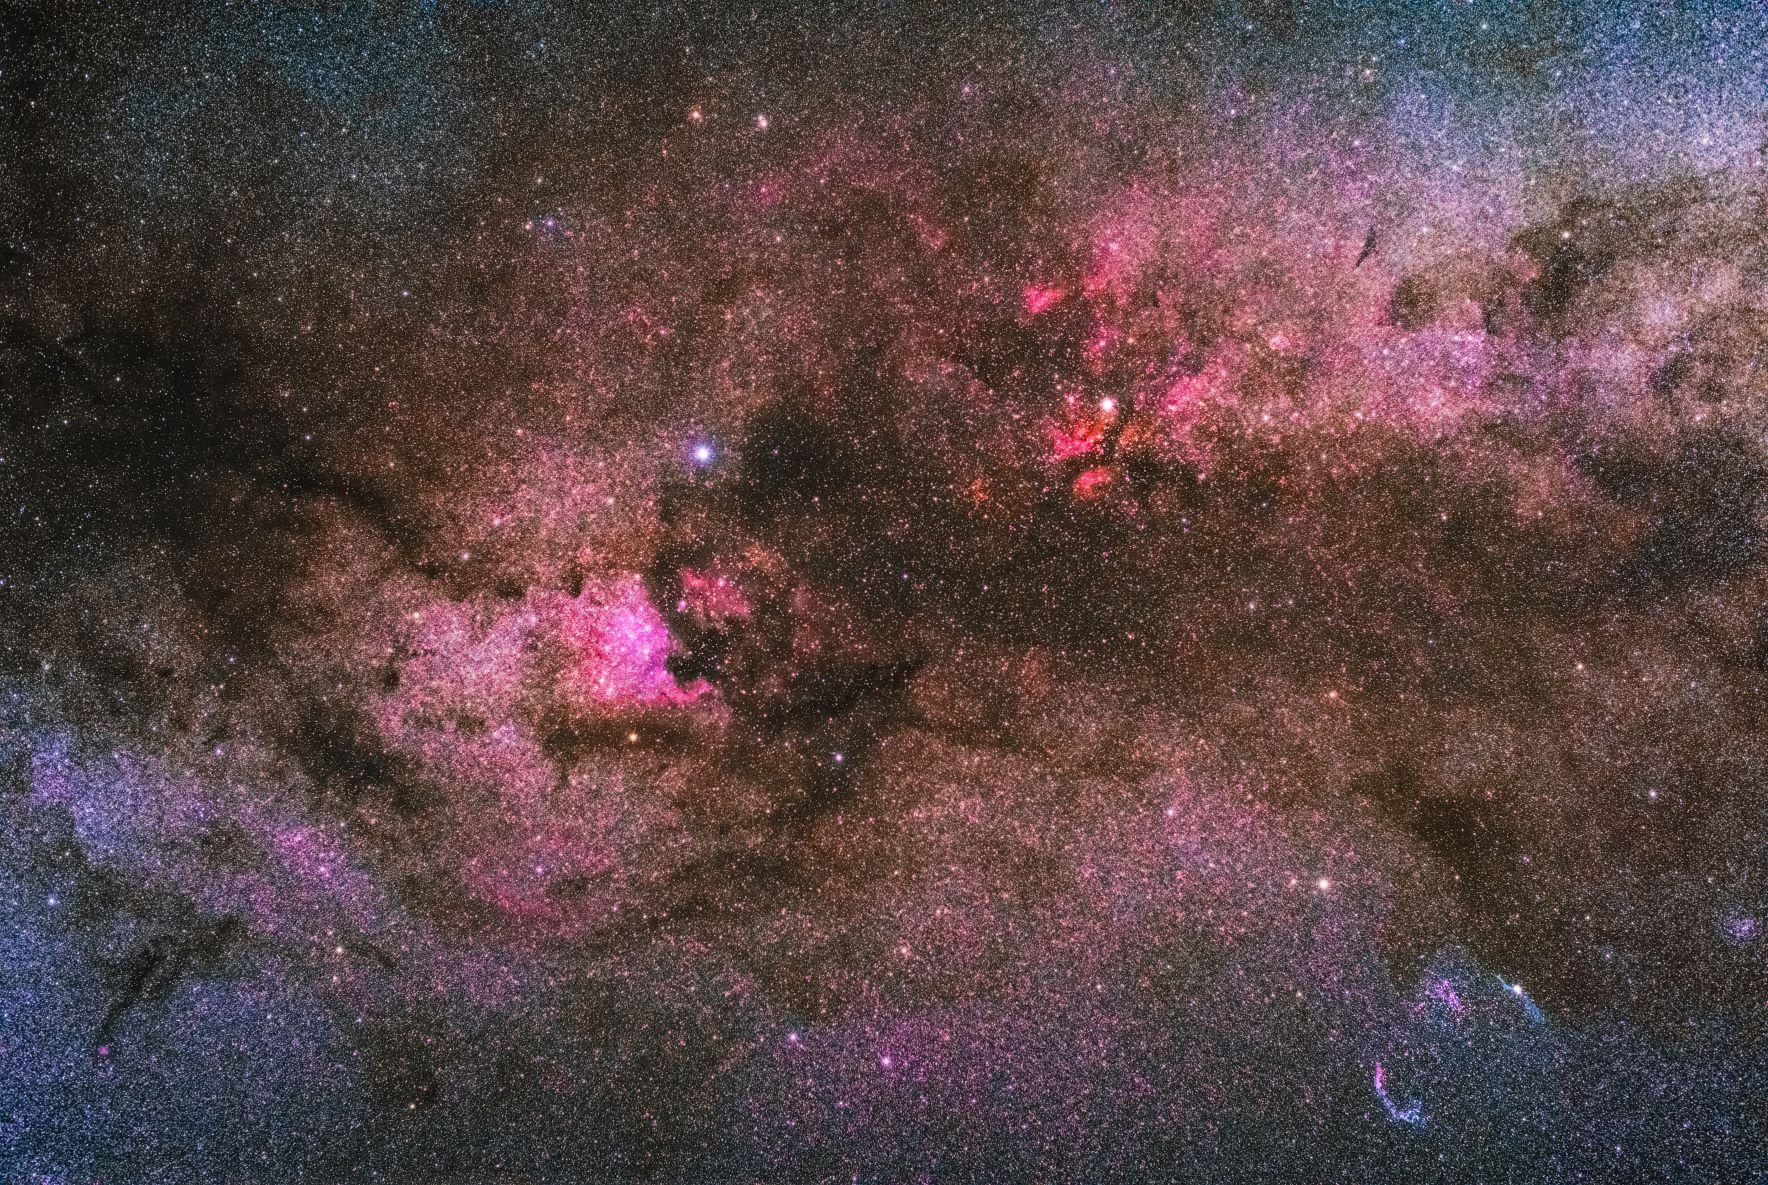 Észak-Amerika köd (NGC 7000), Gamma Cygni köd (IC 1318) és a Fátyol köd (Caldwell 33 Caldwell 34)